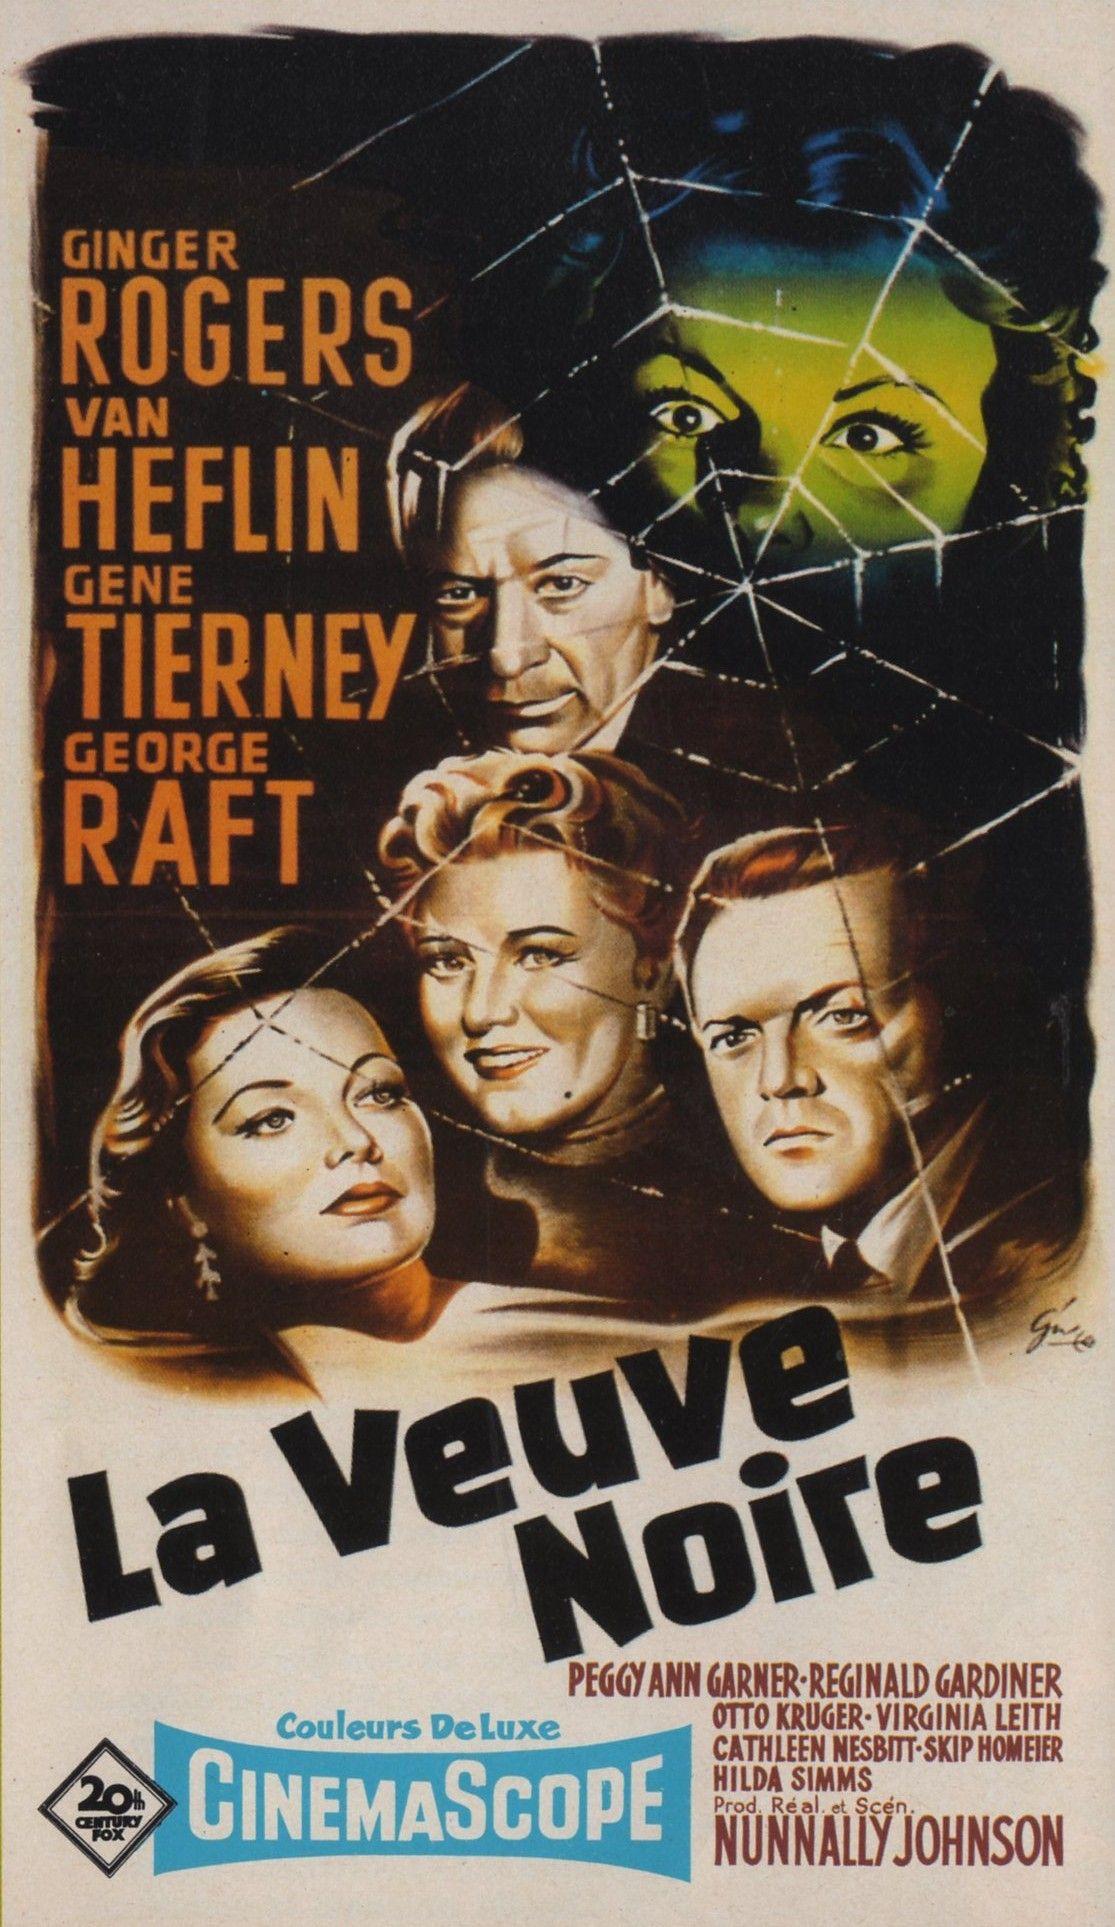 La Veuve Noire Film 1954 : veuve, noire, Veuve, Noire, (Black, Widow), (1954), (Gene, Tierney), #Poster, #WannaSee, Noire,, Affiche, Film,